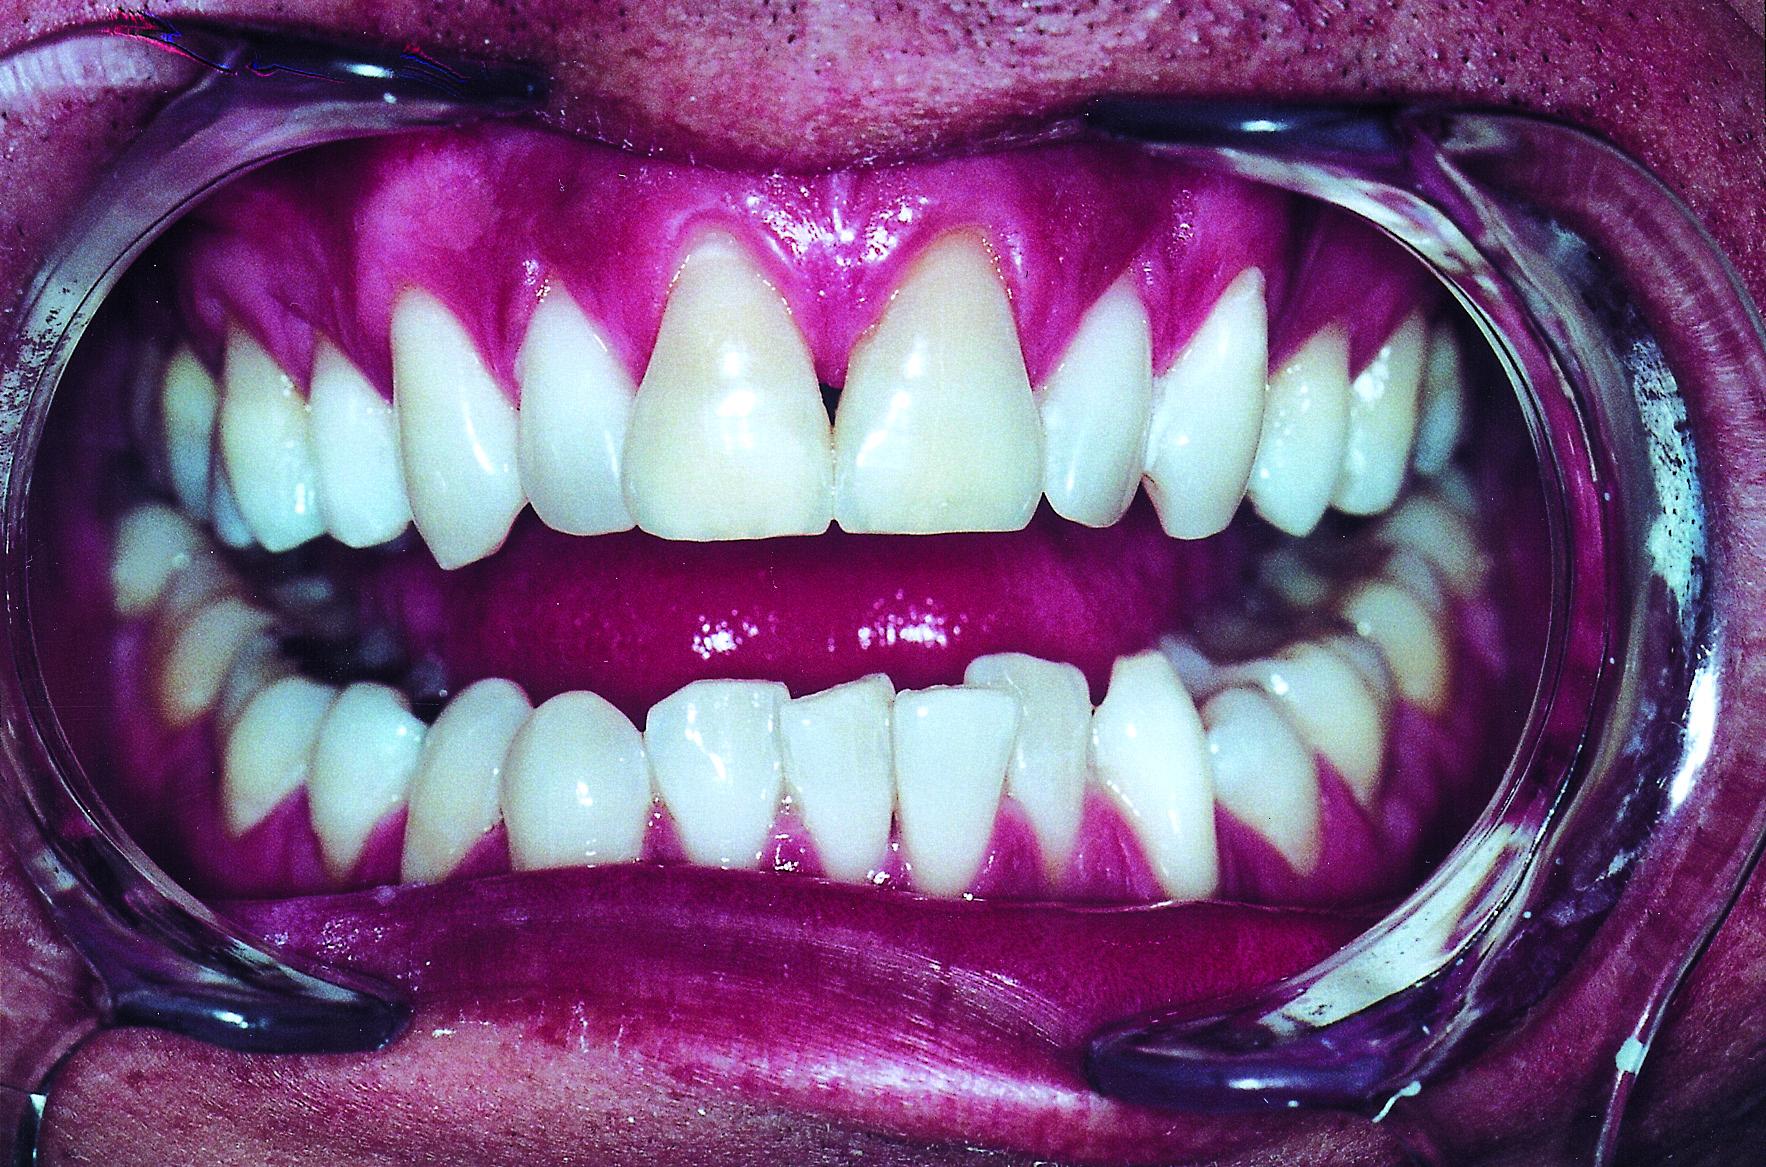 El problema de la sensibilidad dental - Blog ICOEV 2369c2d54b70